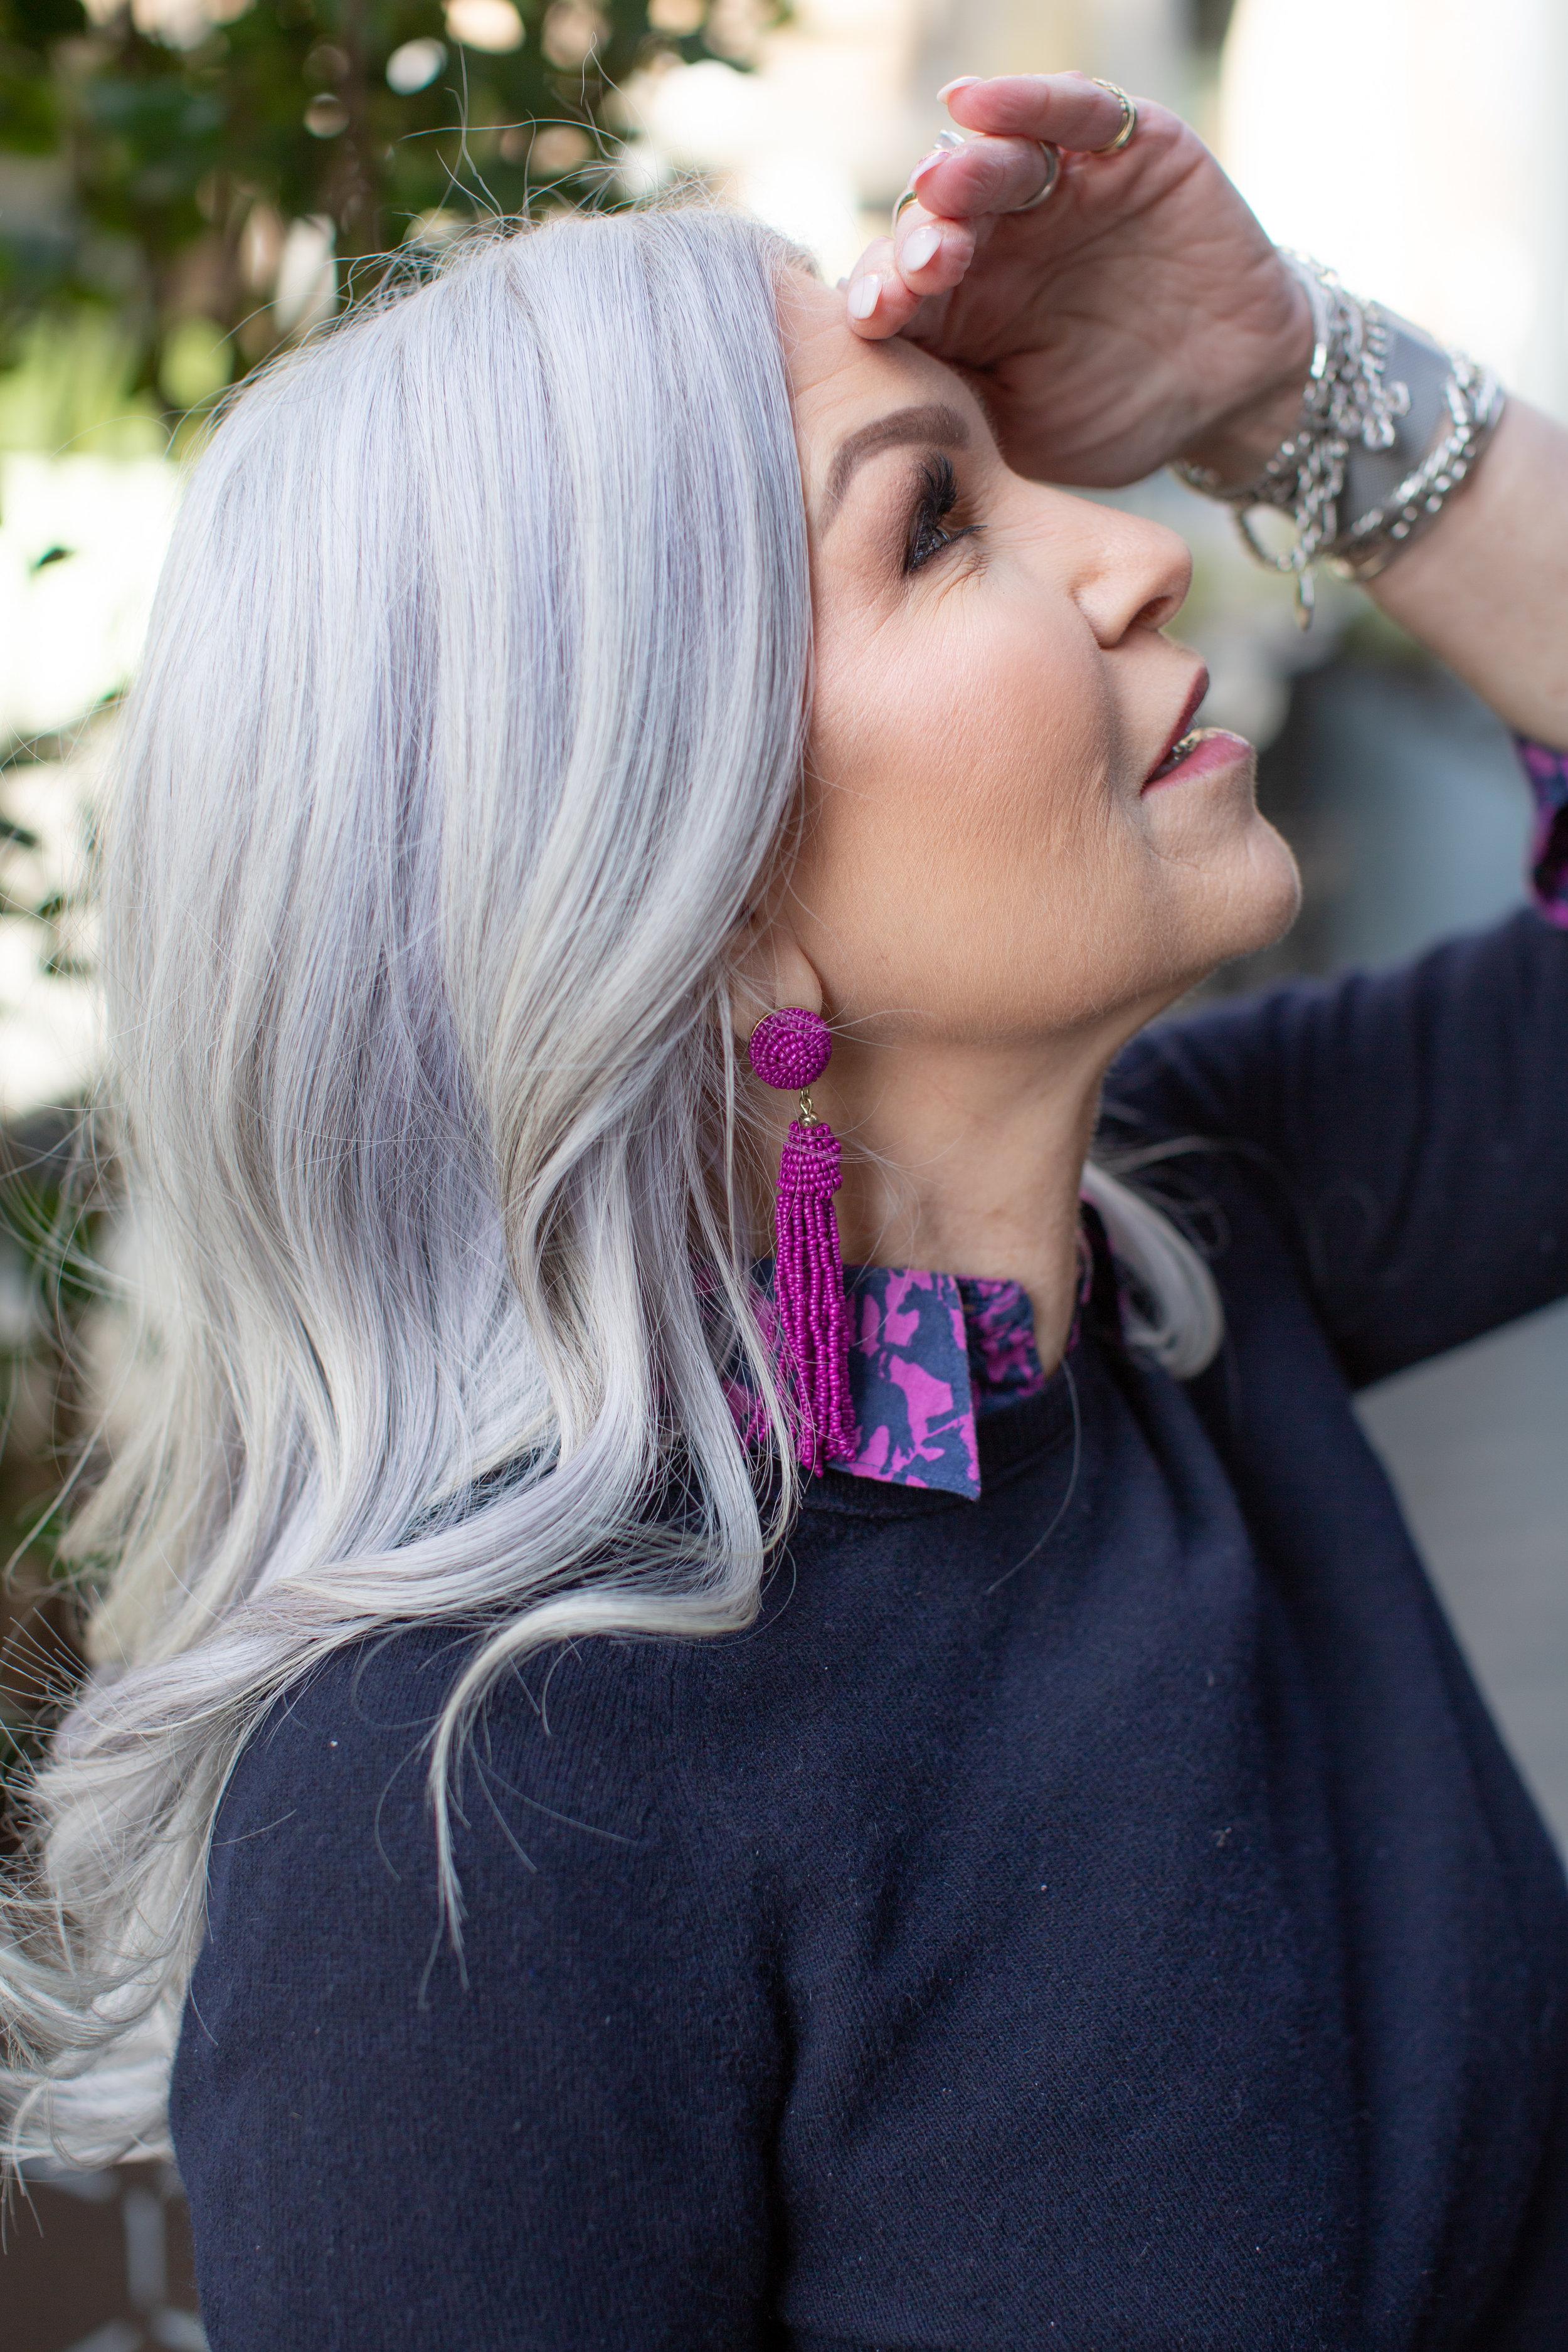 Lisa Hale gingham pants greenville 2019-32.jpg